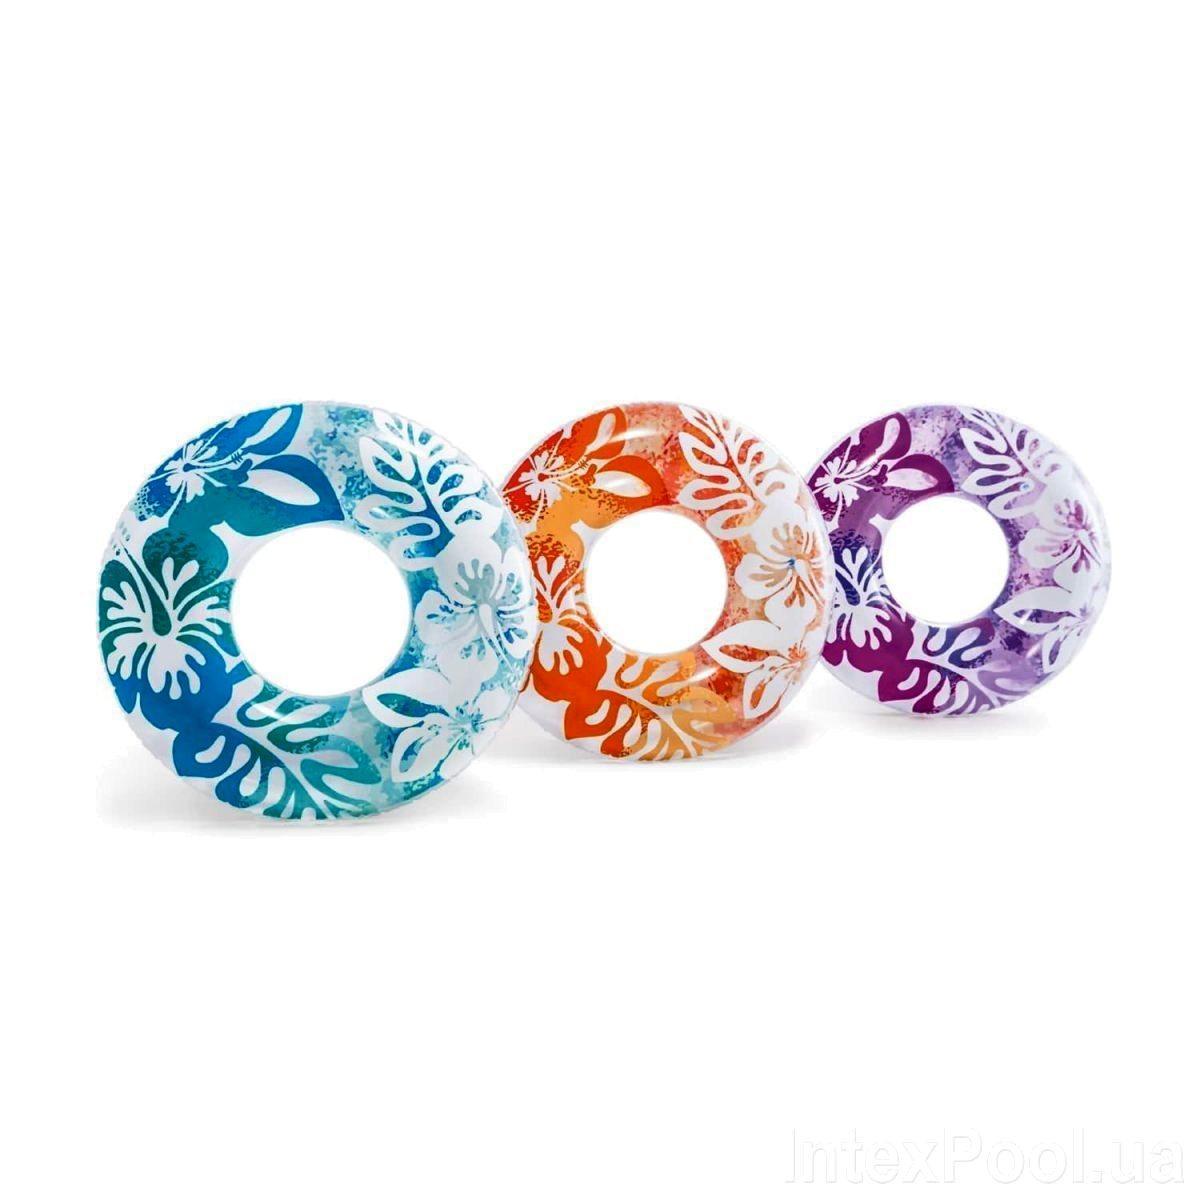 Надувной круг Intex 59251 «Перламутр», 91 см, Три цвета